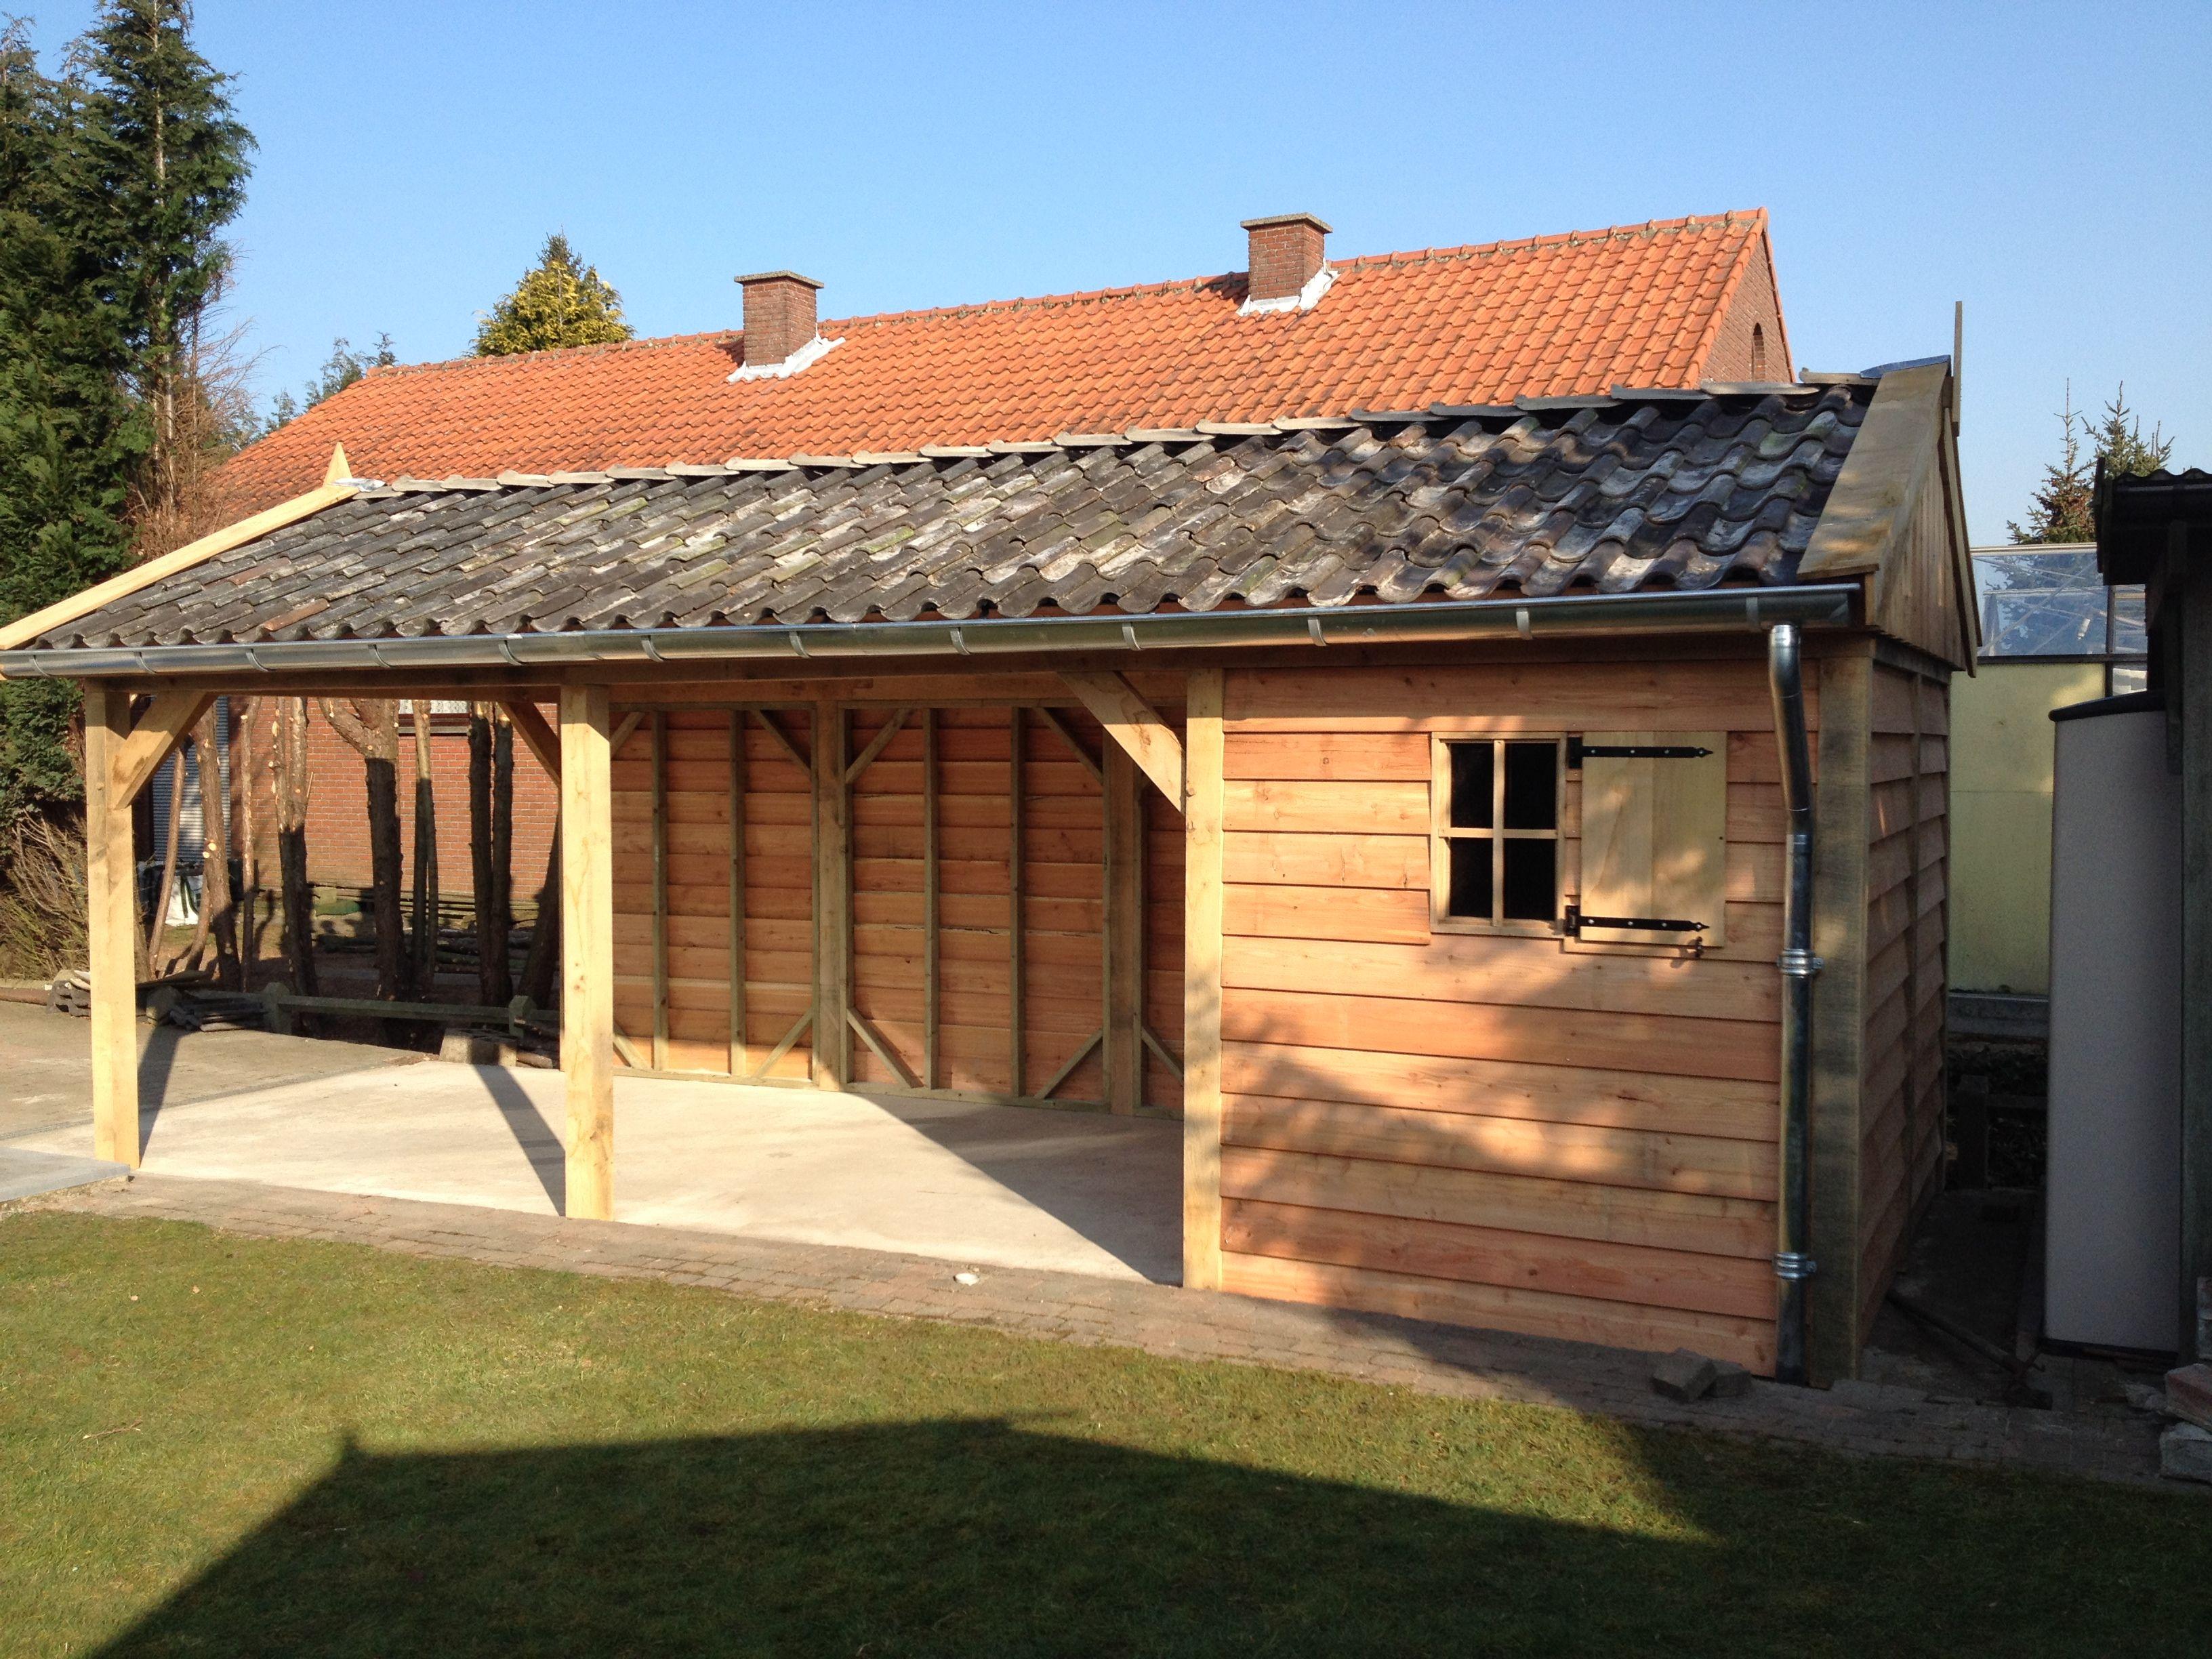 eiken houten tuinhuis met carport houten tuinhuis met carport belgi landelijke uitstraling robuust